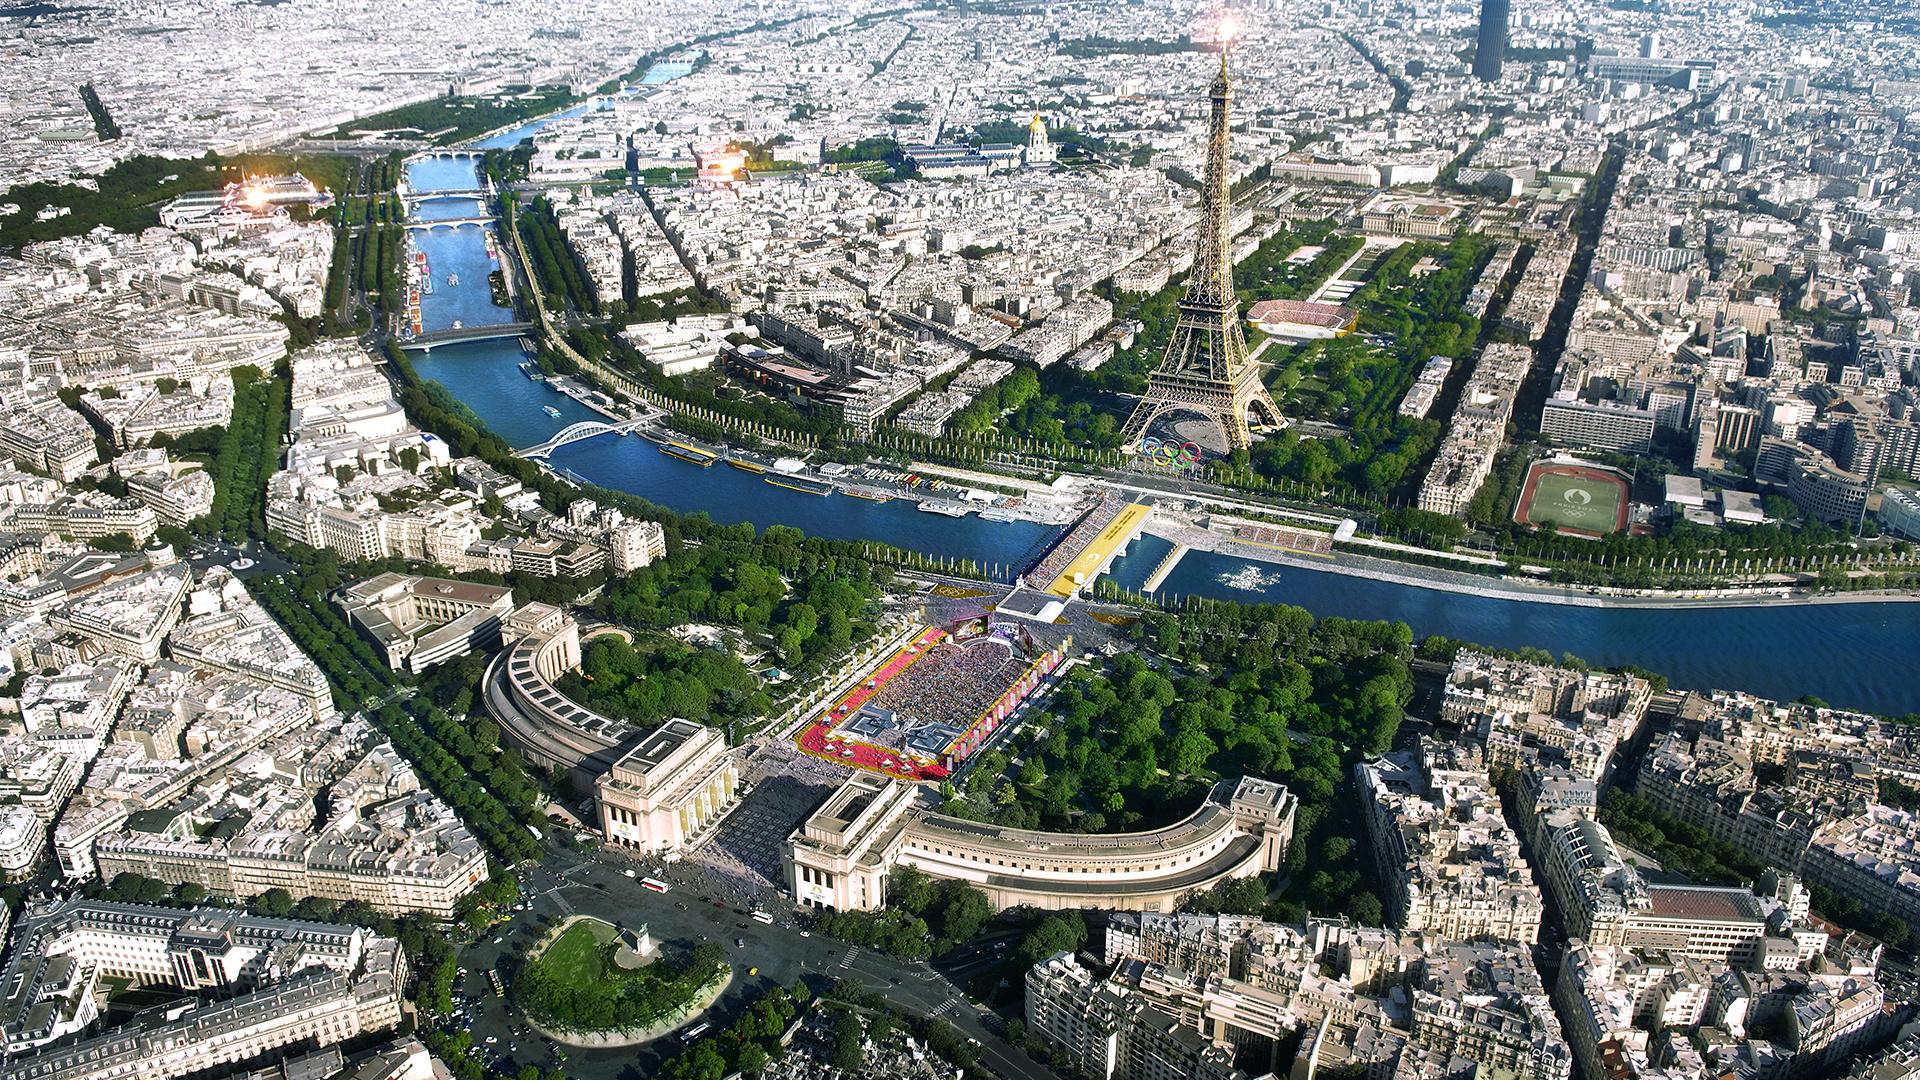 Tour Eiffel, parc olympique